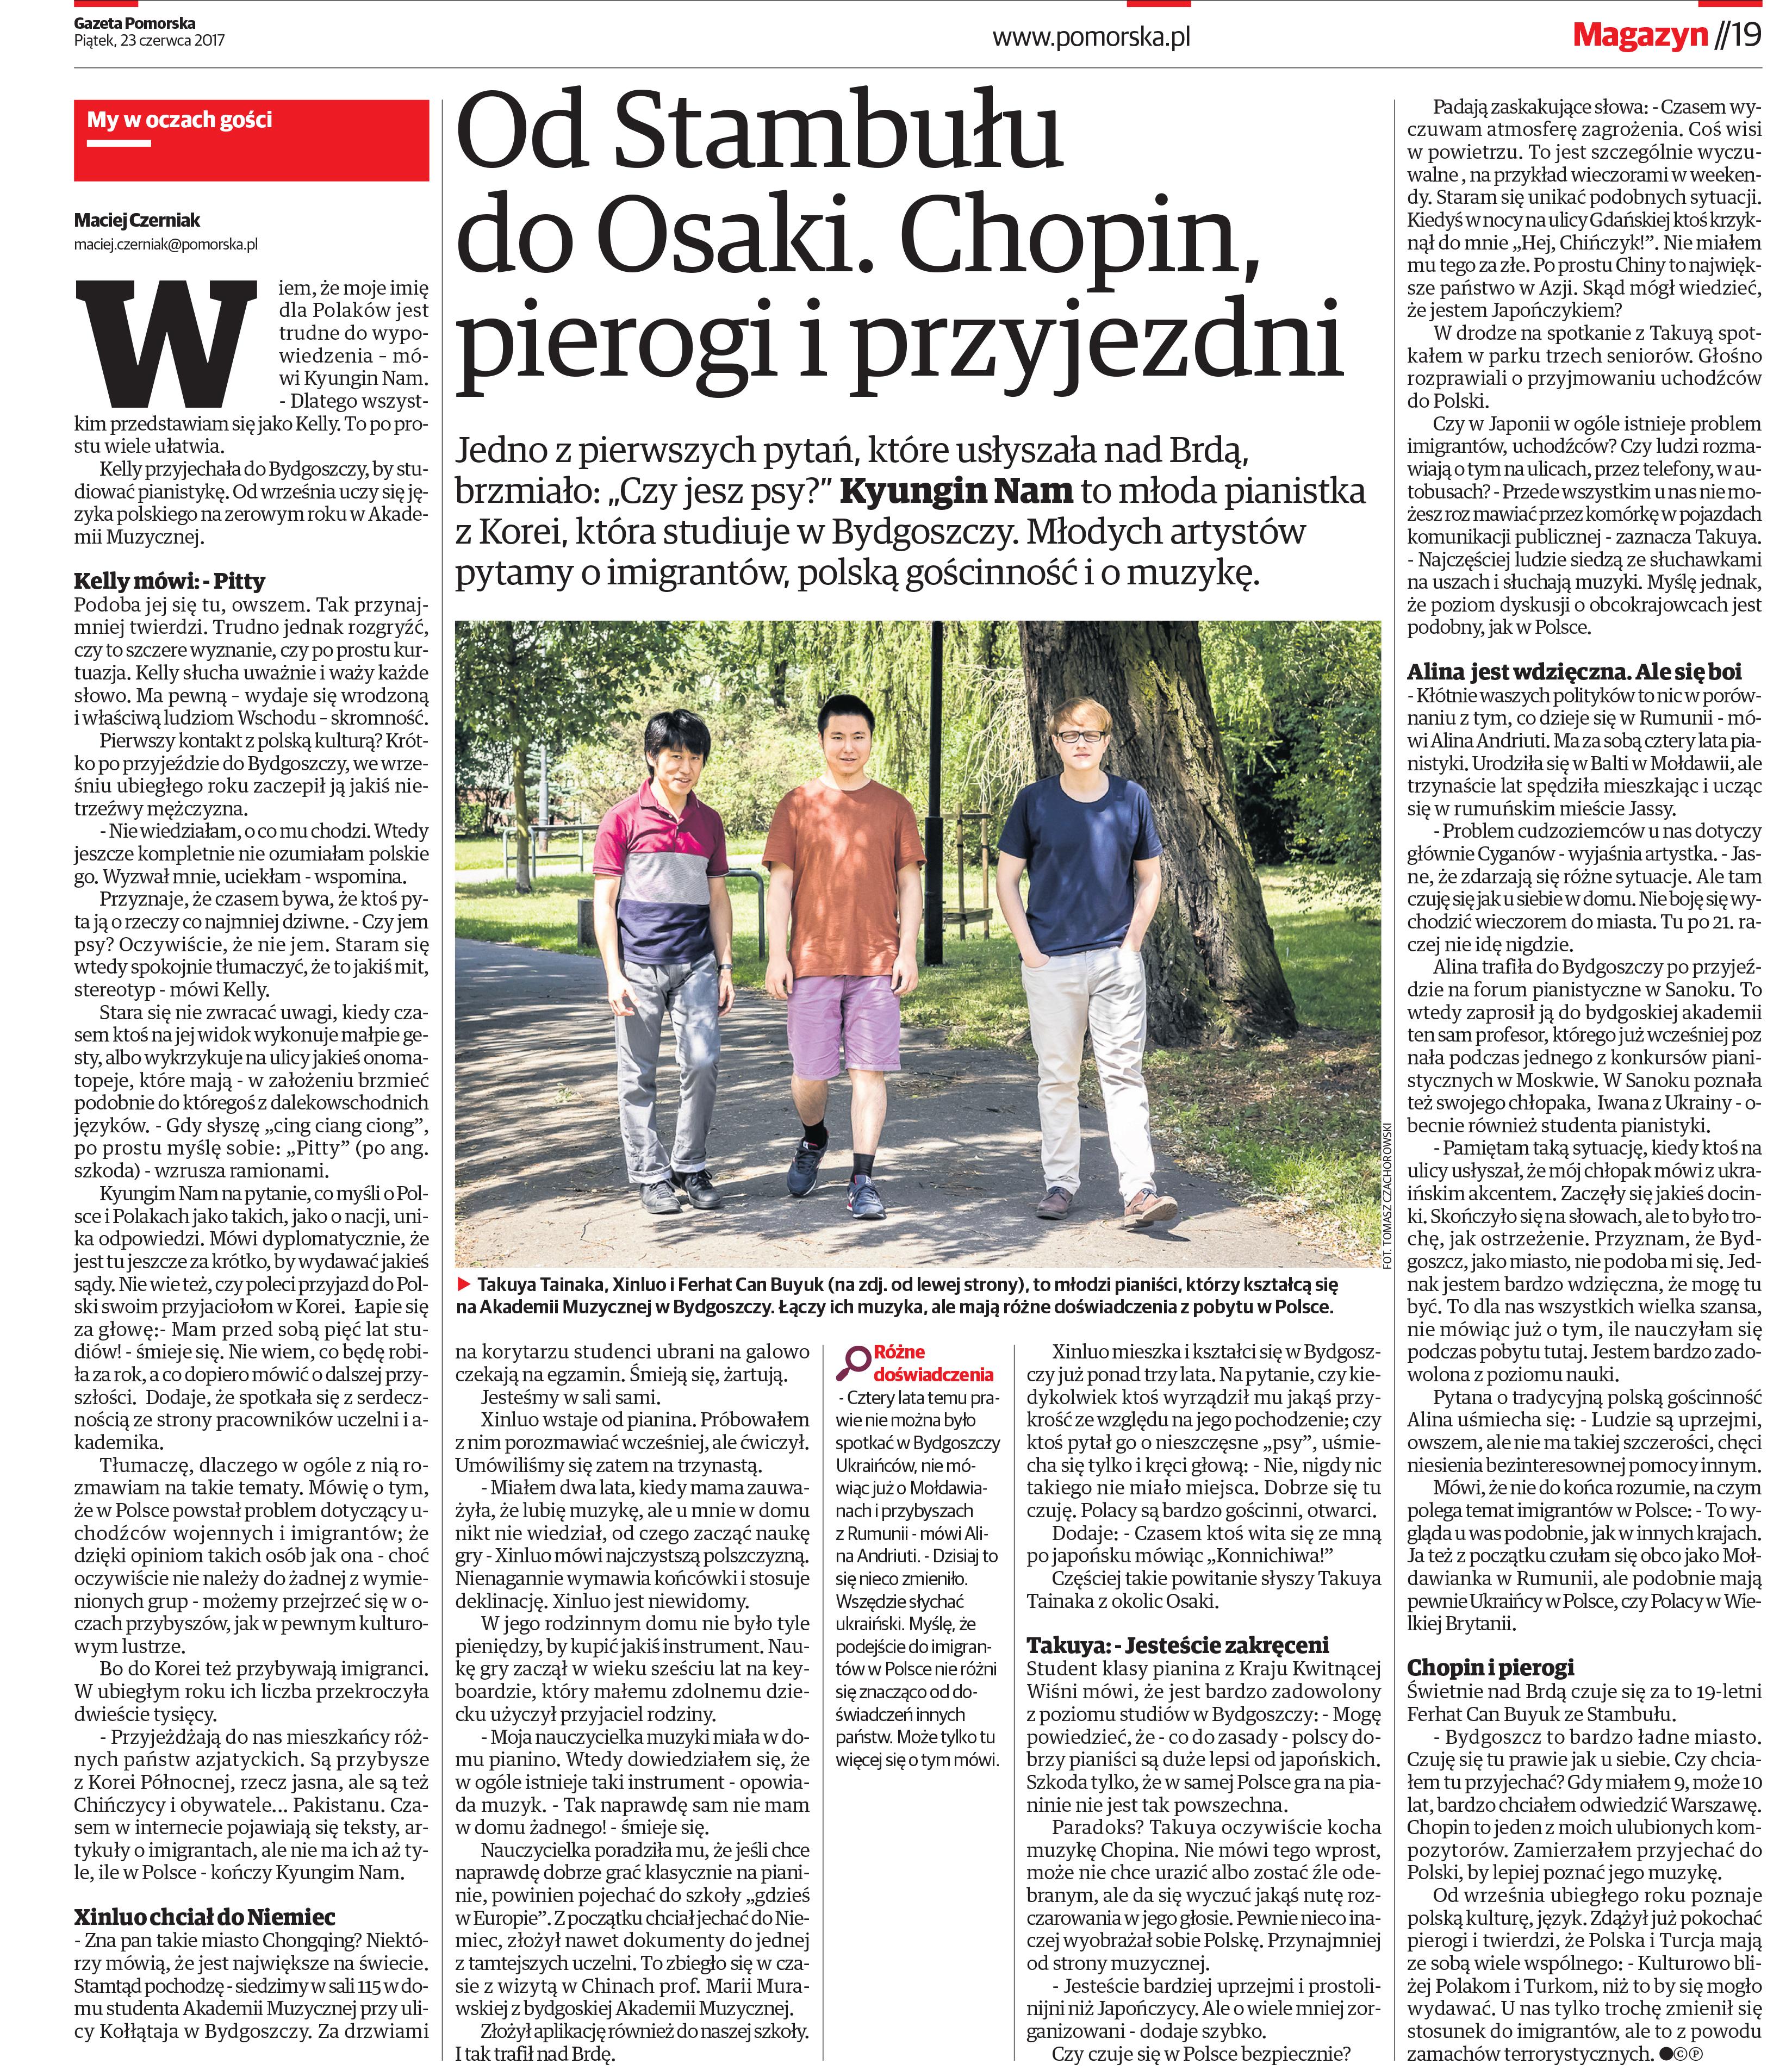 Gazeta Pomorska - Polonya 2017